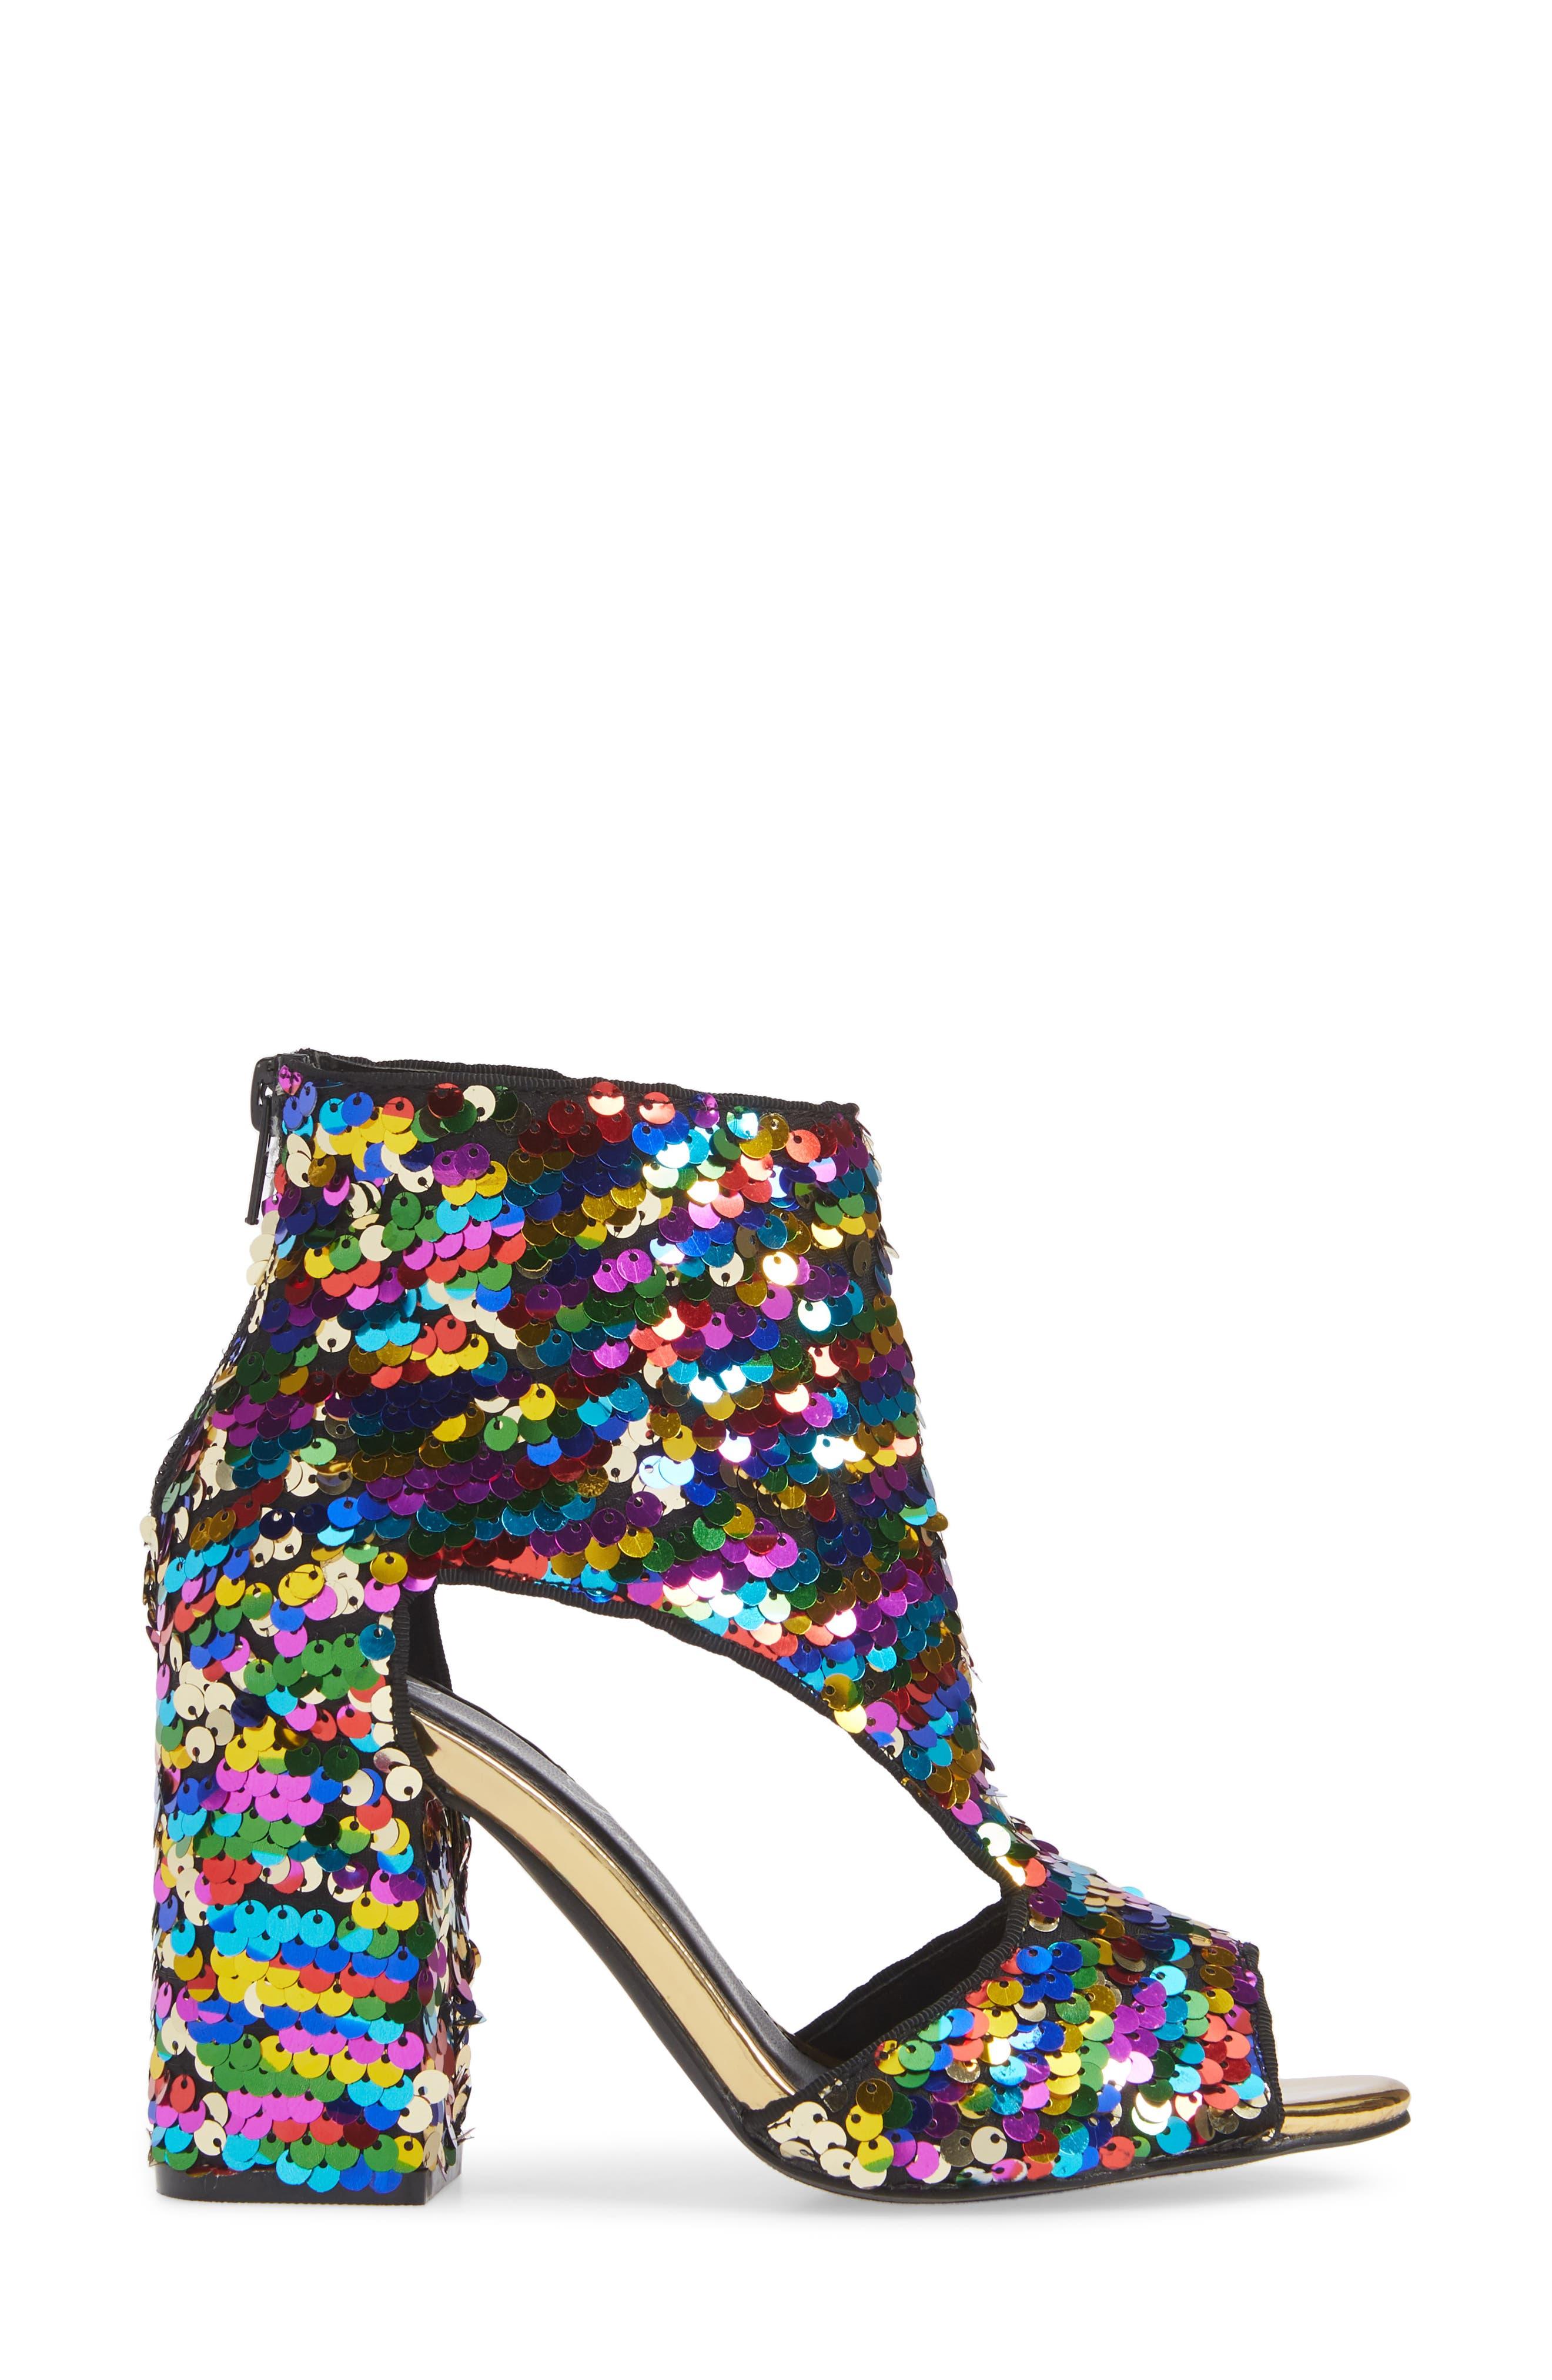 LAUREN LORRAINE, Roxy Sequin Sandal, Alternate thumbnail 4, color, 710